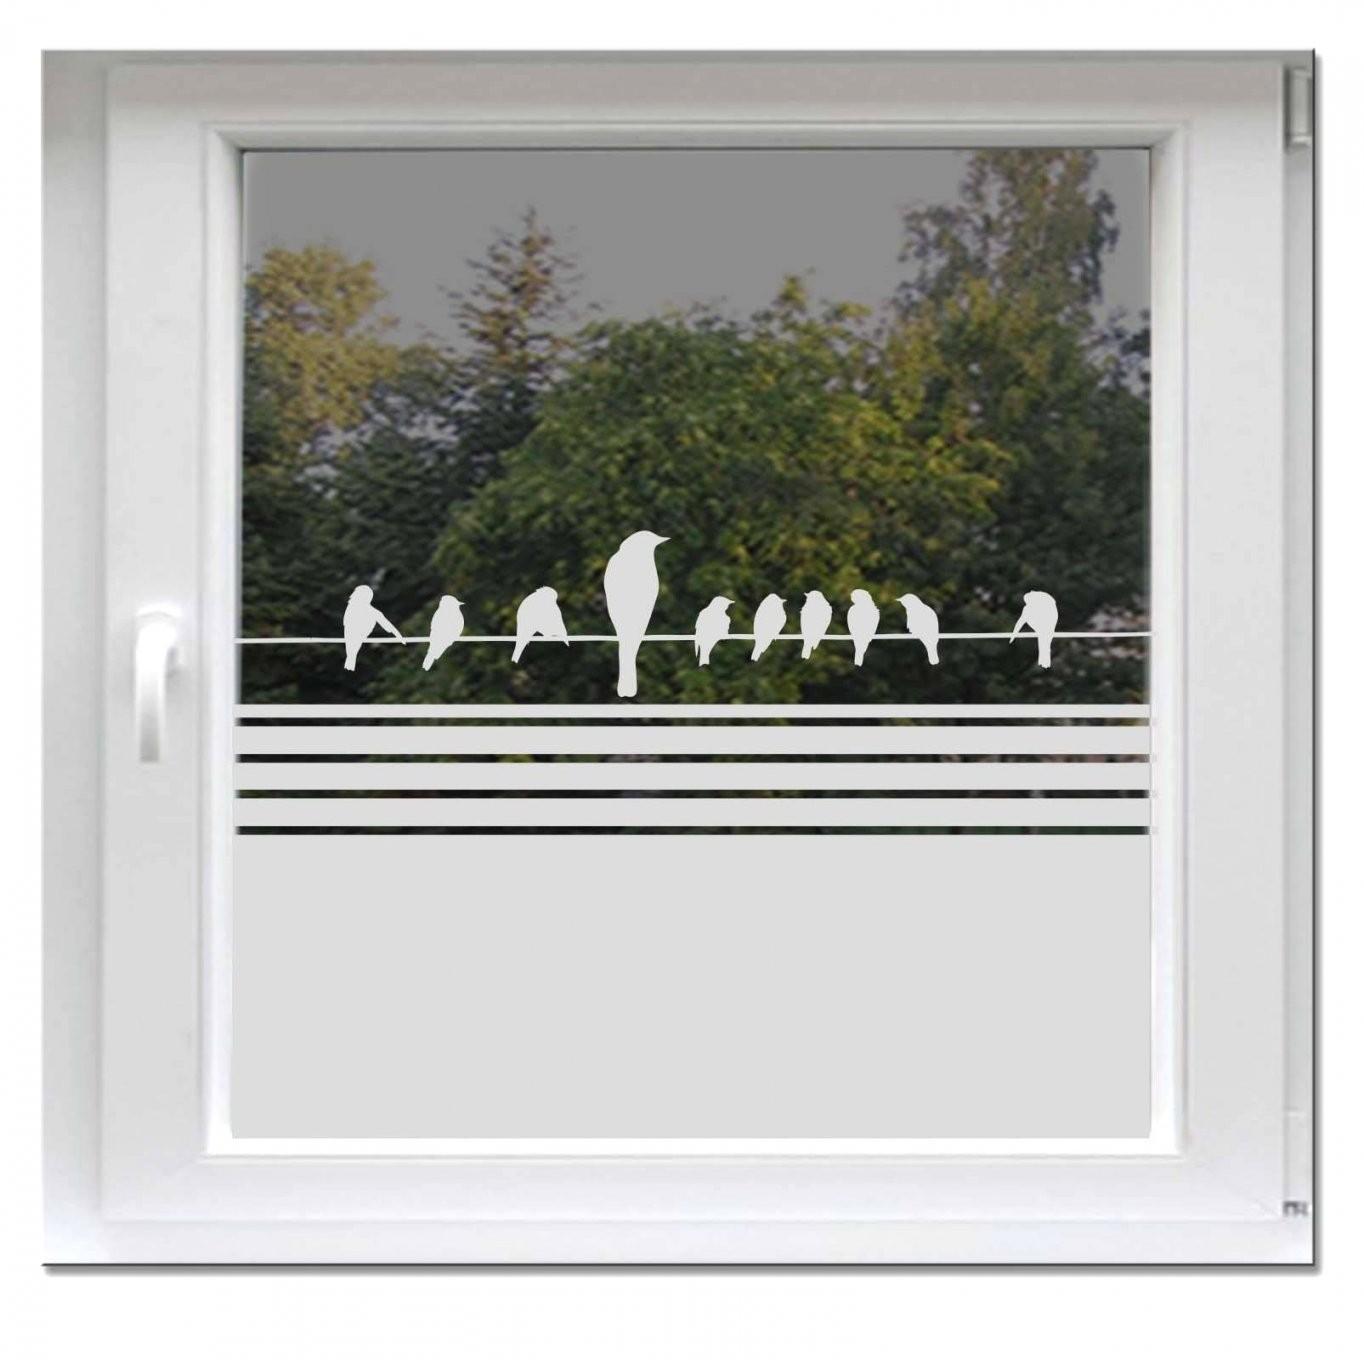 Badezimmer Fensterfolie Schön Fensterfolie Sichtschutz Konzept von Fensterfolie Sichtschutz Ikea Photo